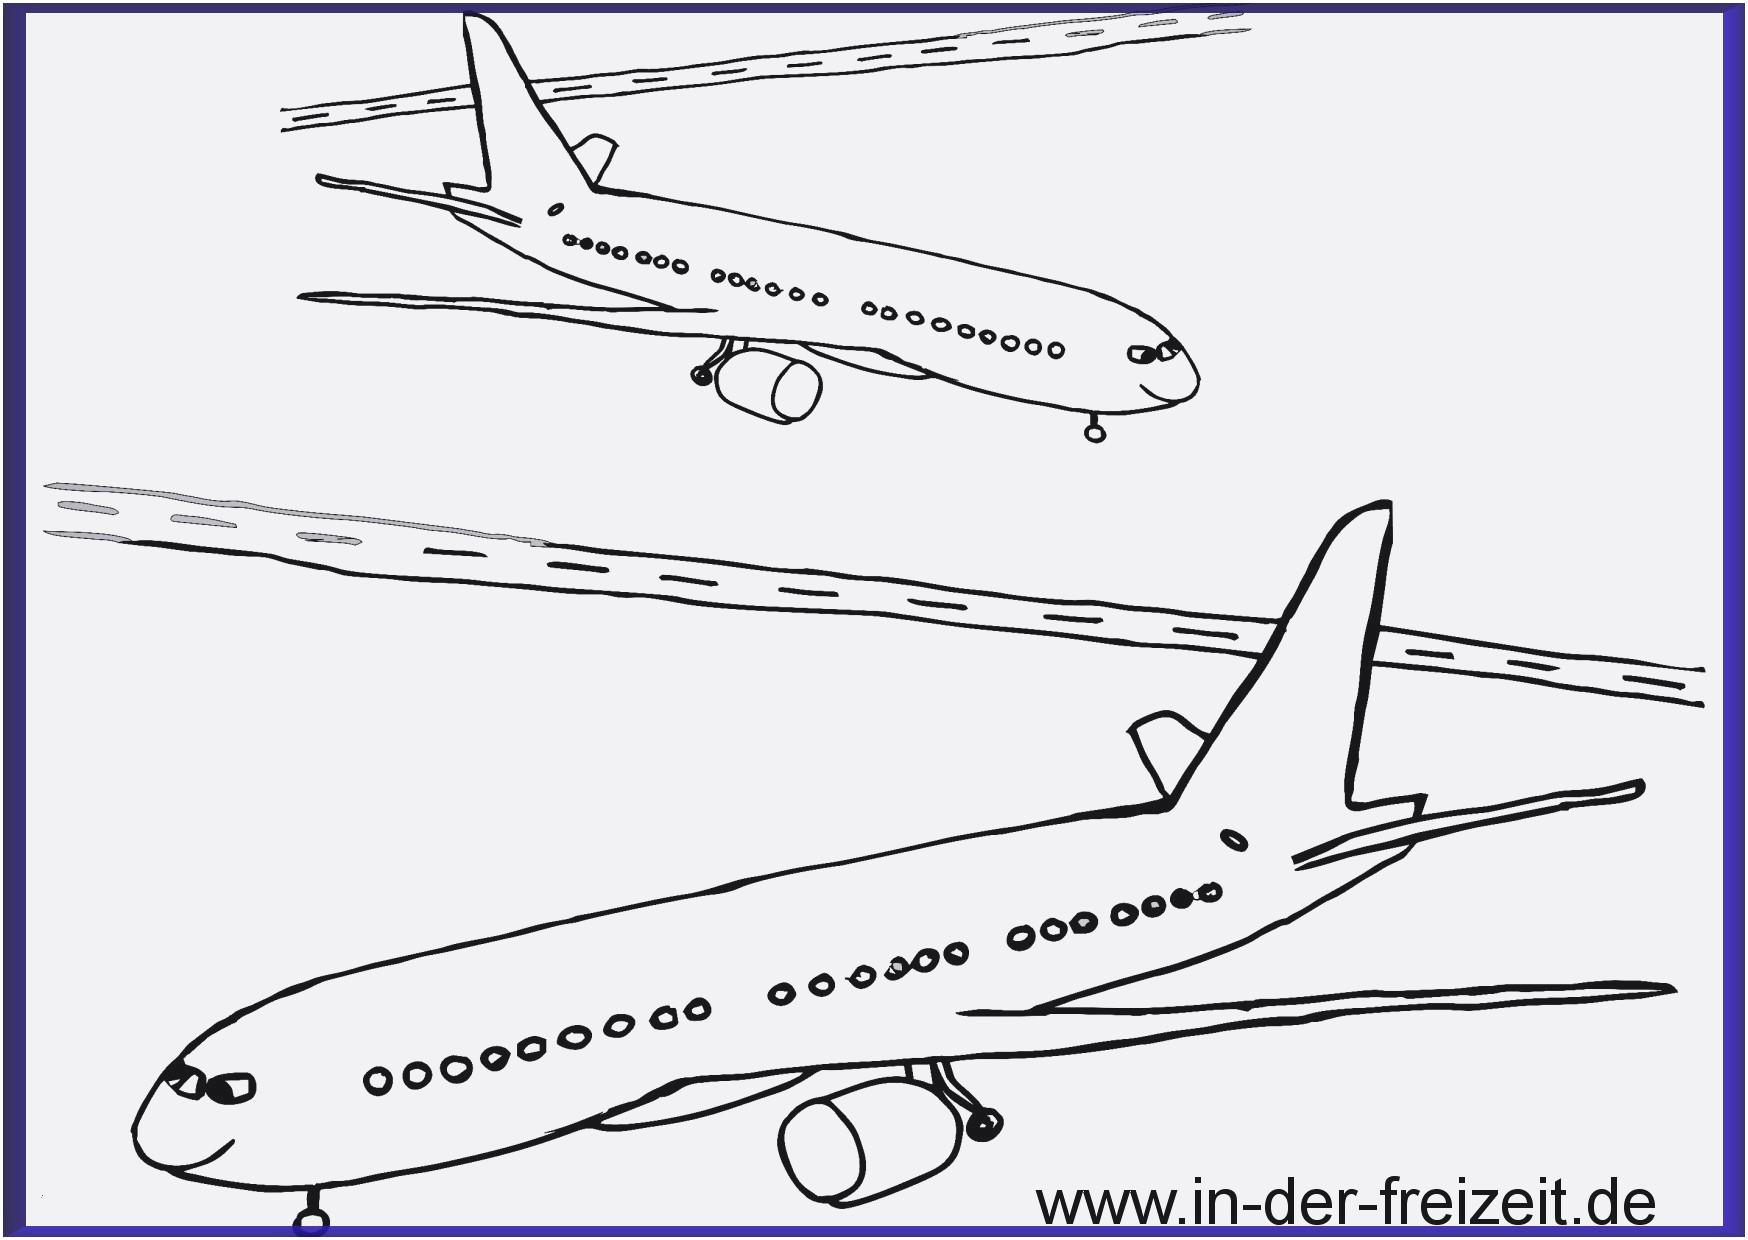 Flugzeug Bilder Zum Ausdrucken Neu 41 Einzigartig Ausmalbild Flugzeug – Große Coloring Page Sammlung Stock